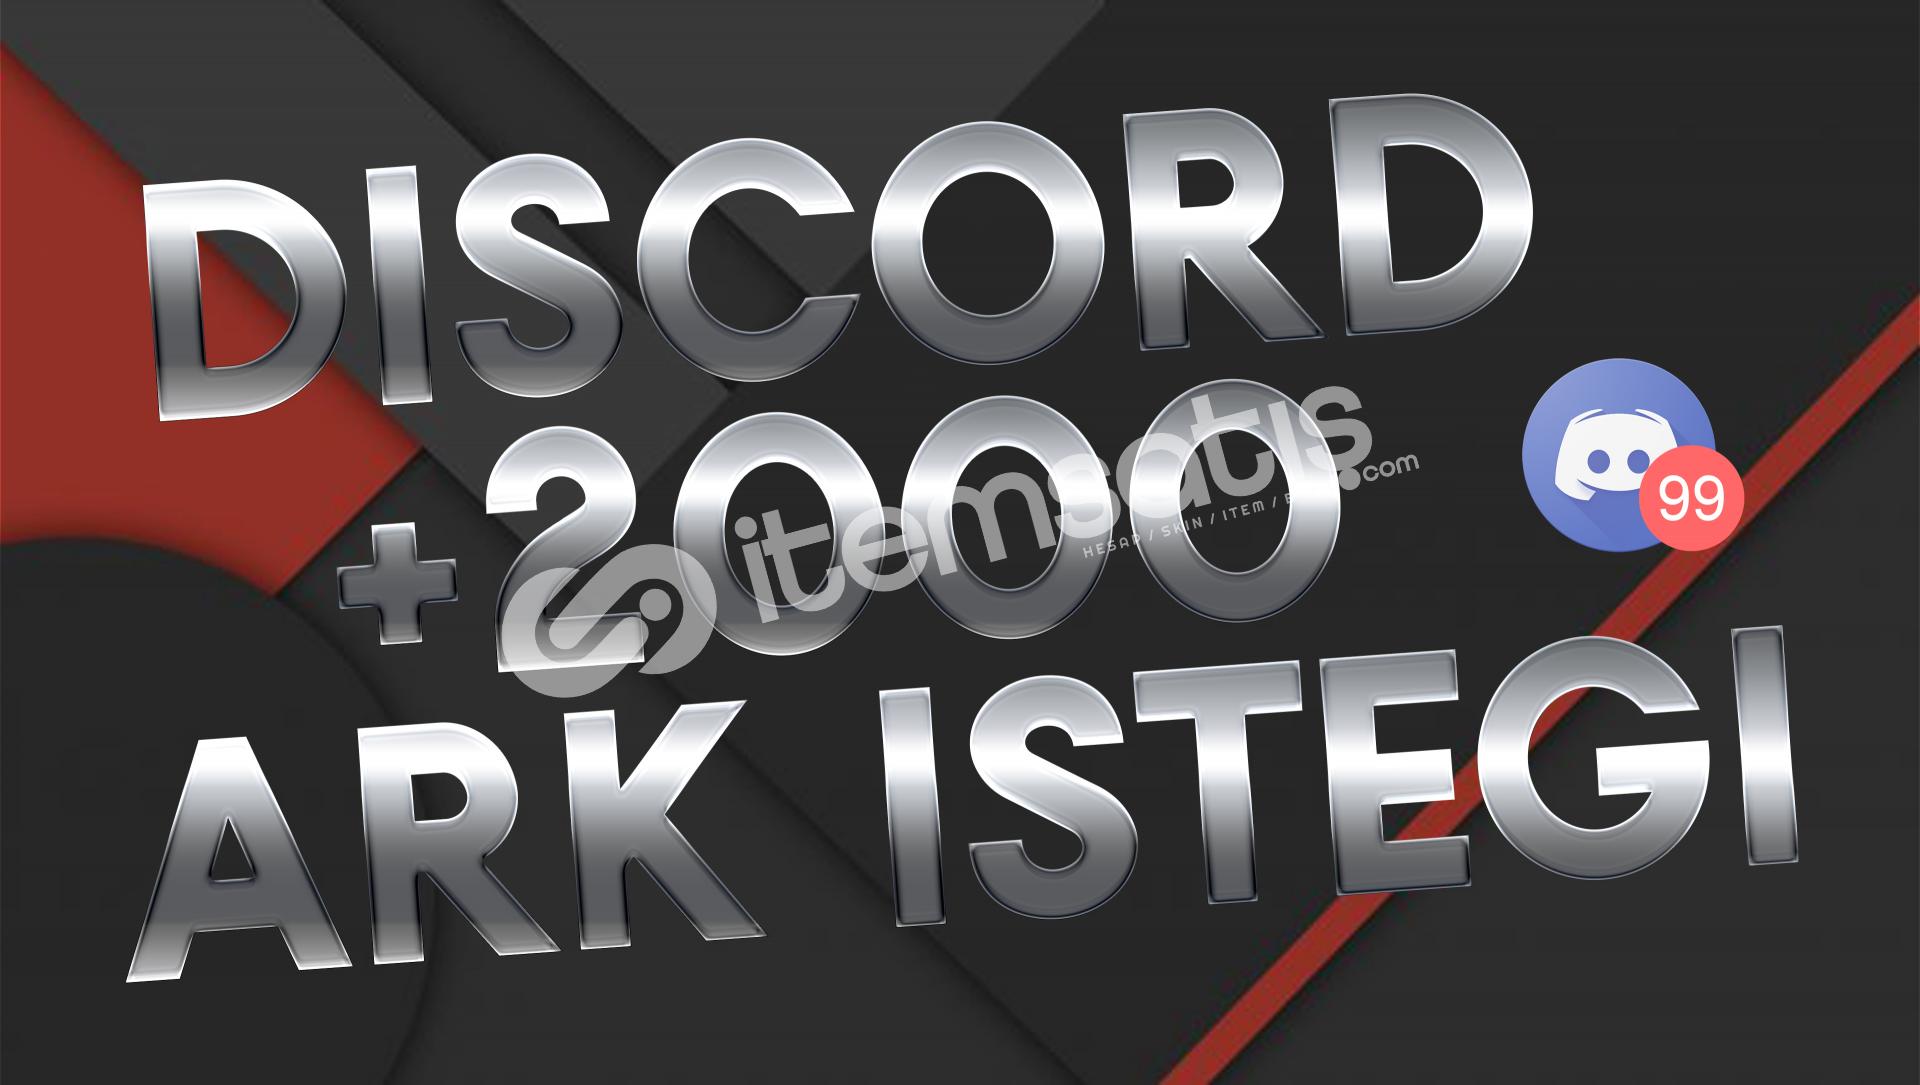 Discord 2000 Adet Arkadaşlık İsteği